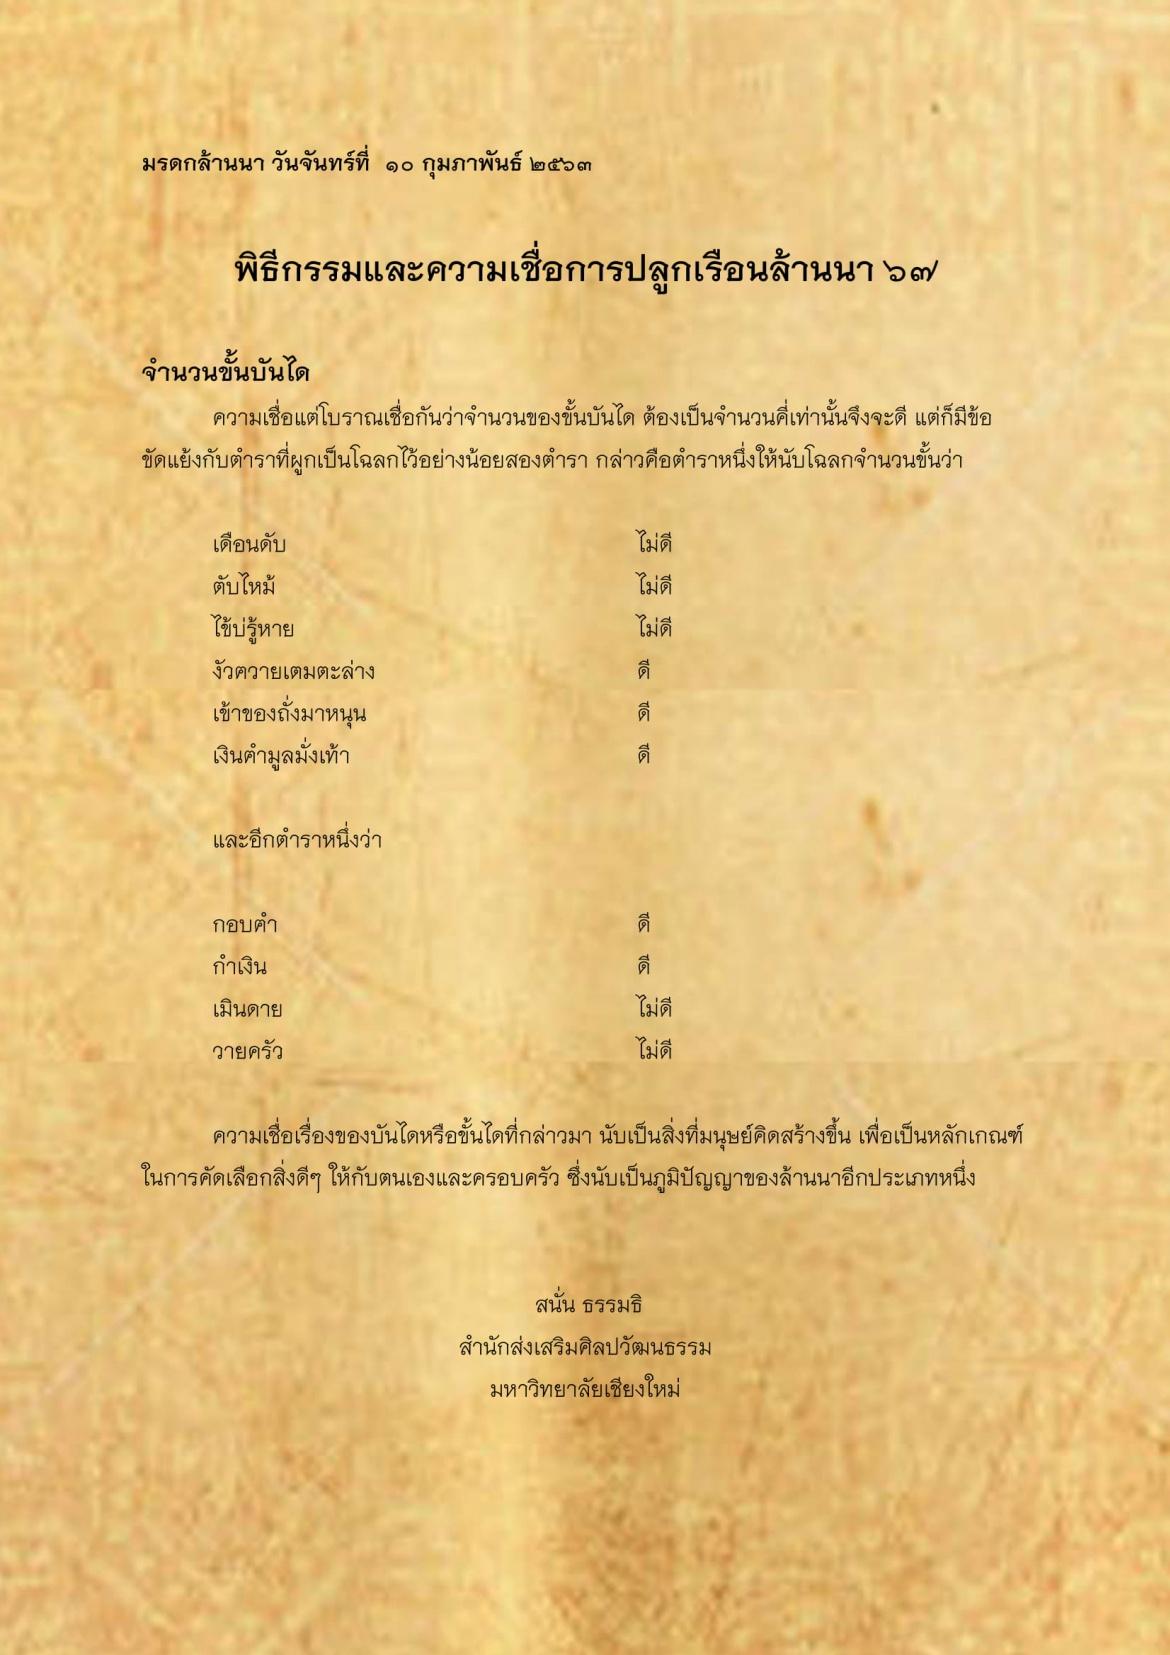 พิธีกรรมเเละความเชื่อการปลูกเรือนล้านนา(67) - 10 กุมภาพันธ์ 2563